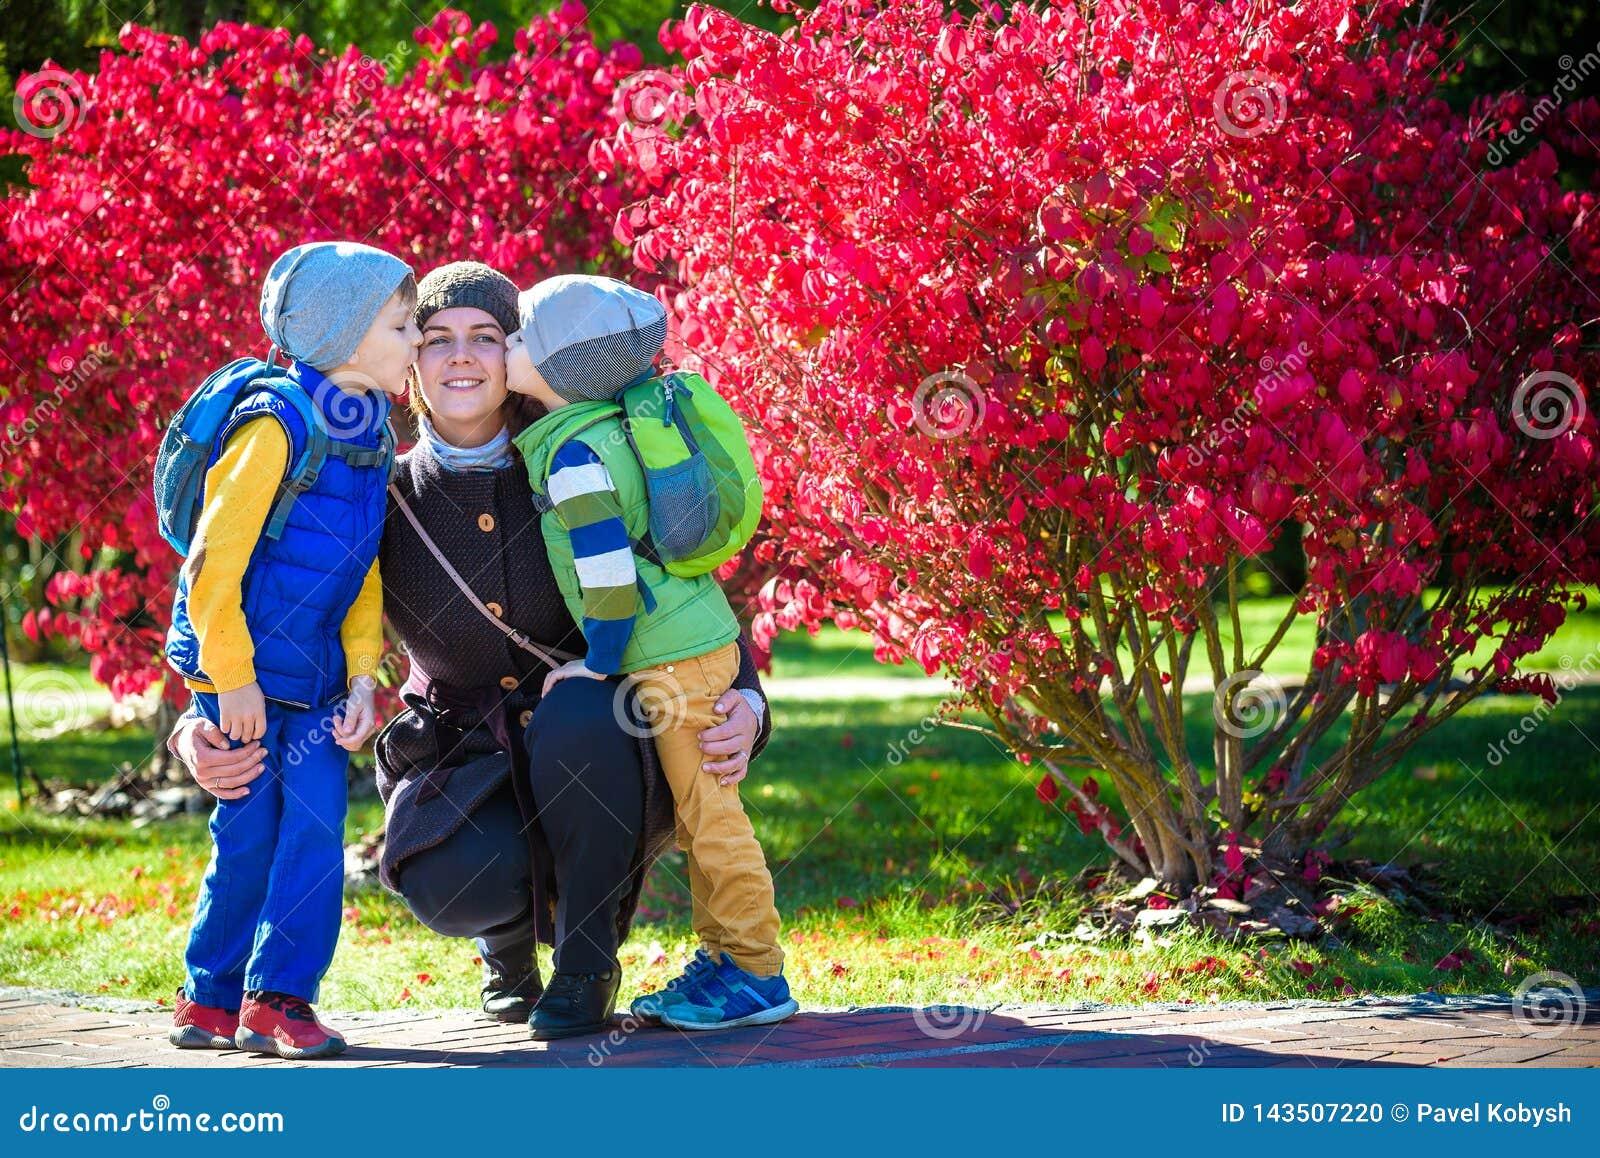 Εικόνα της νέας μητέρας που αγκαλιάζει δύο μικρά παιδιά, πορτρέτο κινηματογραφήσεων σε πρώτο πλάνο της ευτυχούς οικογένειας, χαρι